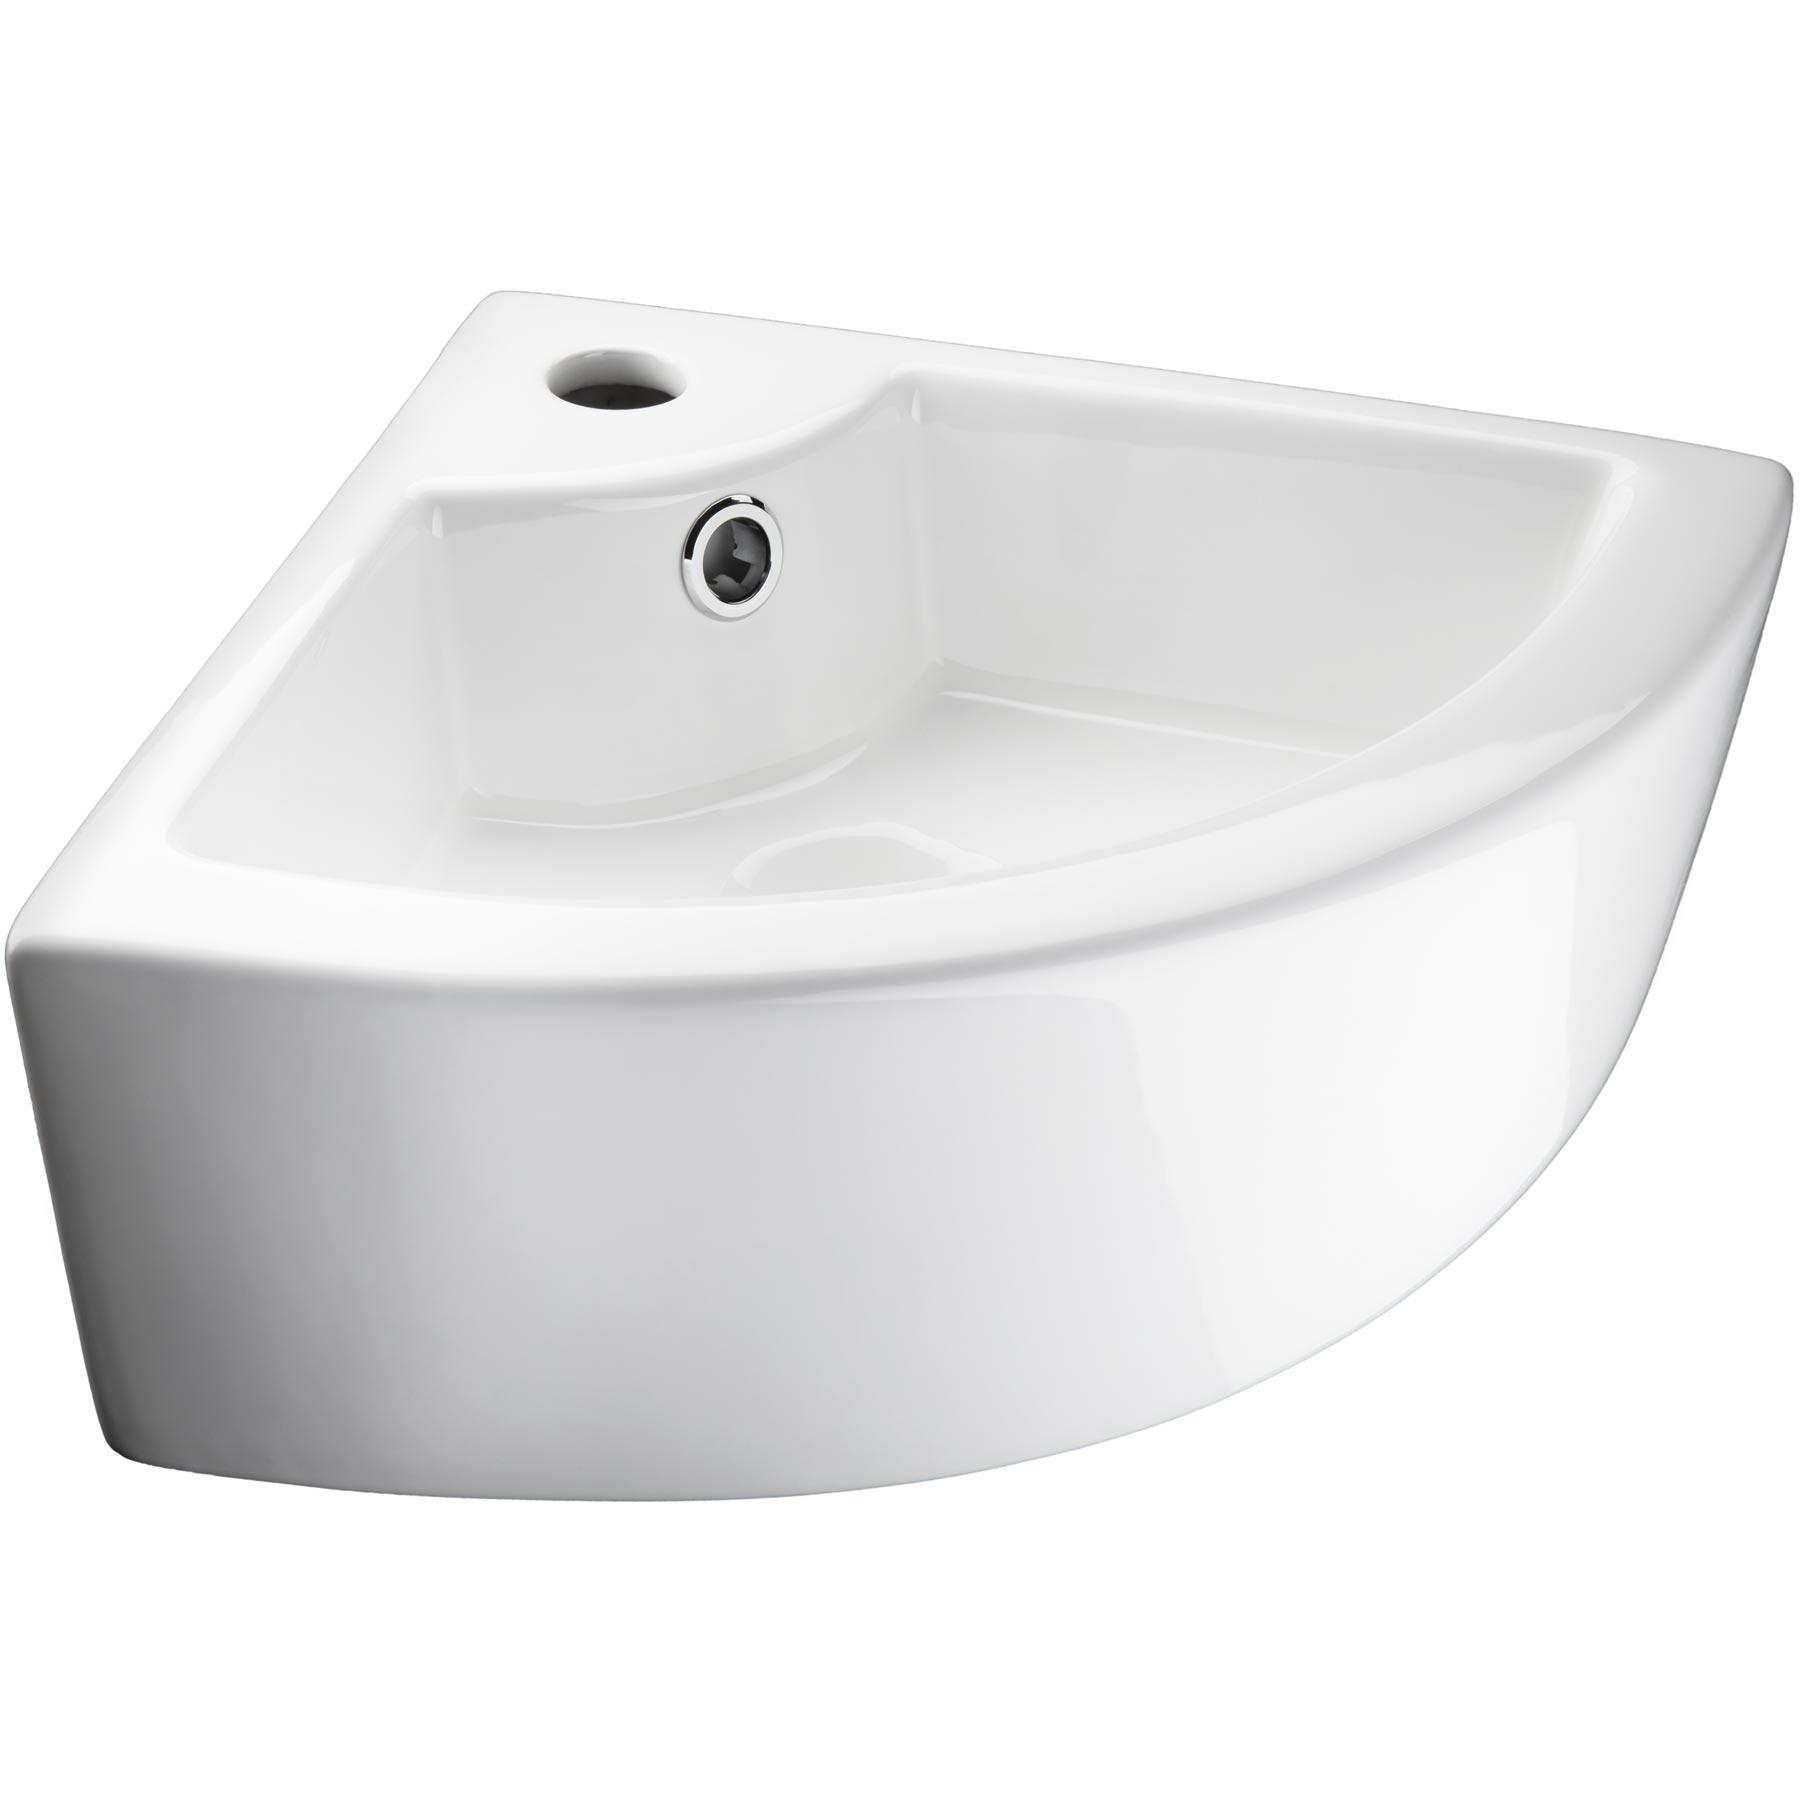 Vasque D Angle De Salle De Bain détails sur lave-mains d'angle lavabo céramique salle de bain vasque 45 x  33 x 13 cm blanc